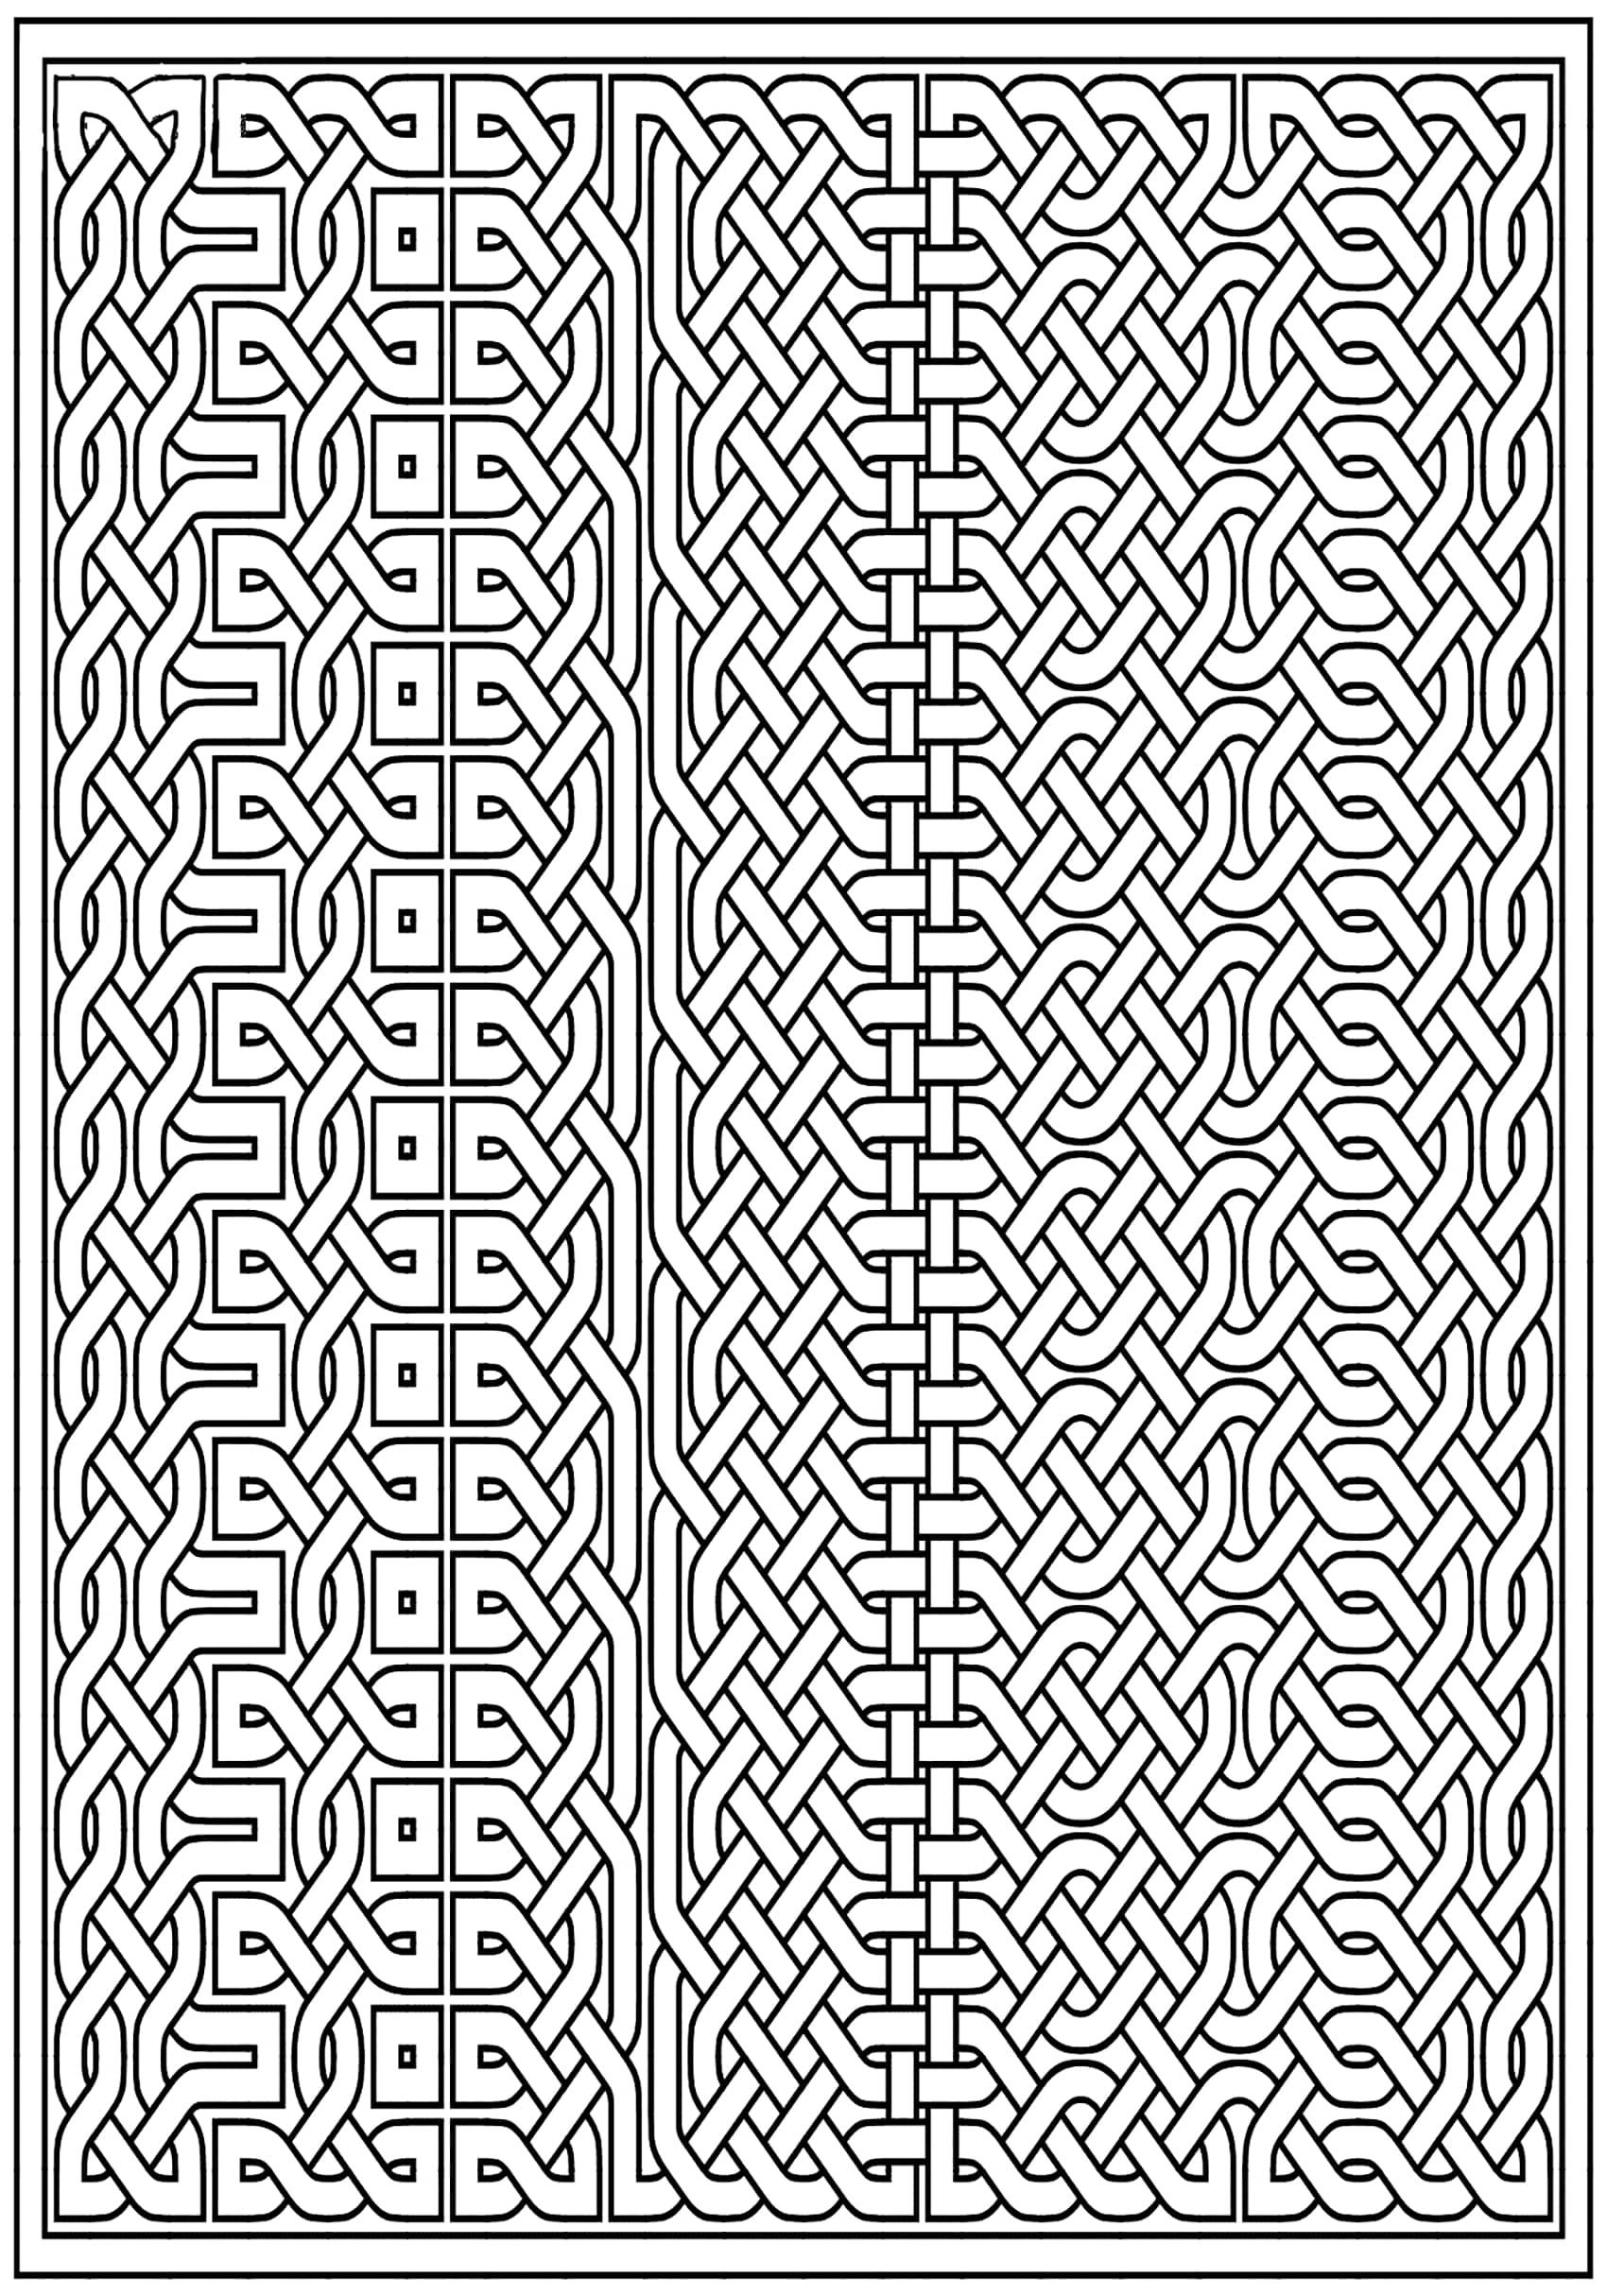 Disegni da Colorare per Adulti : Arte Celtica - 49